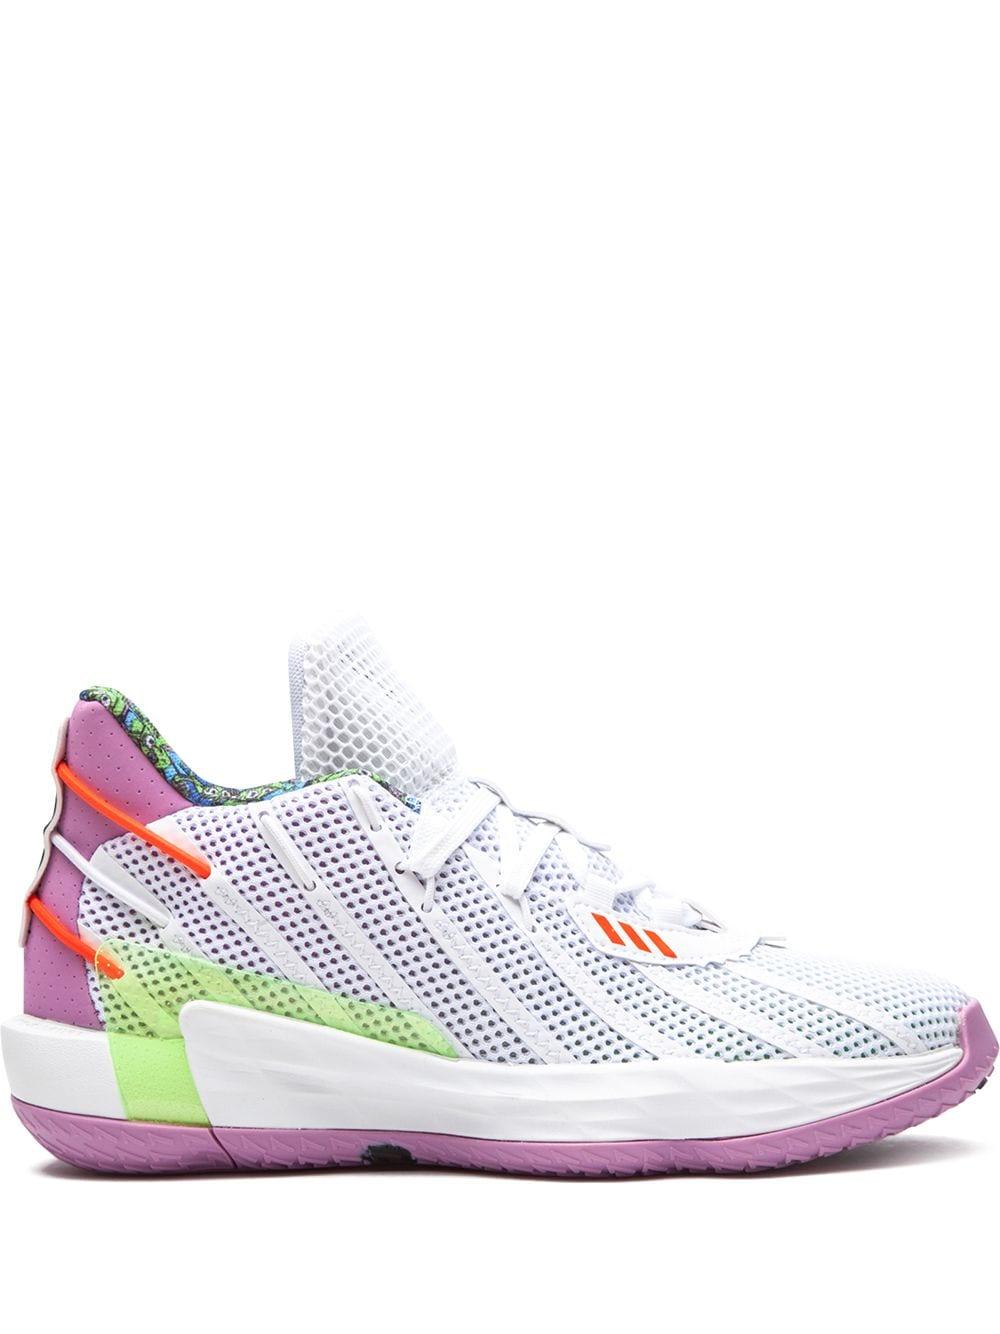 adidas Dame 7 J sneakers - Weiß